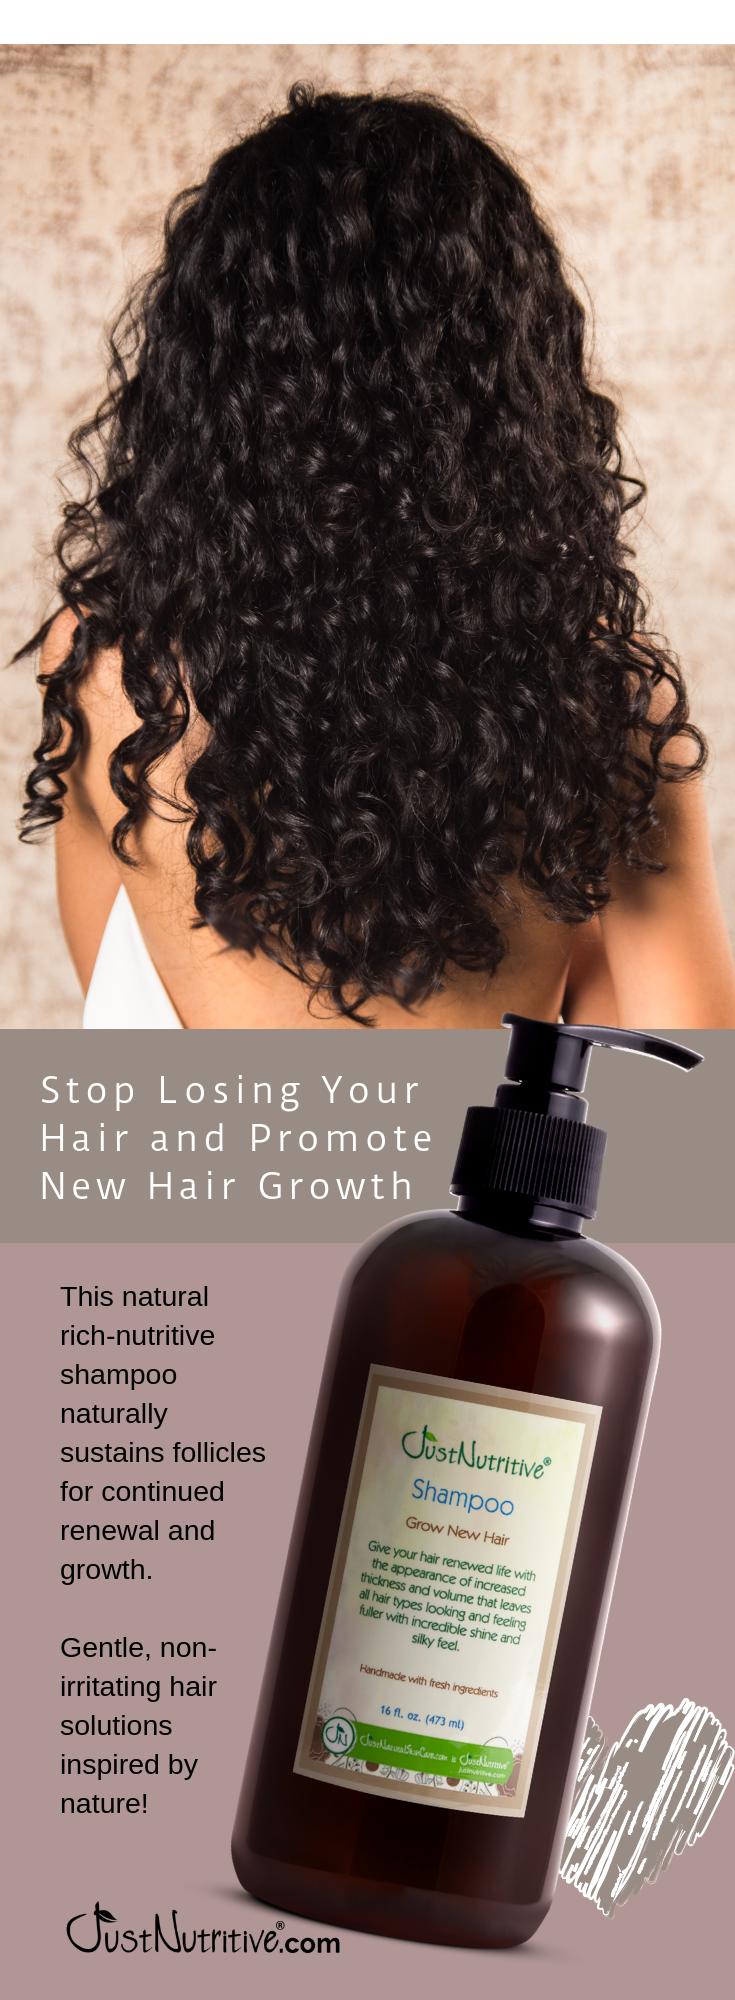 Grow New Hair Shampoo Hair Styles Hair Hacks New Hair